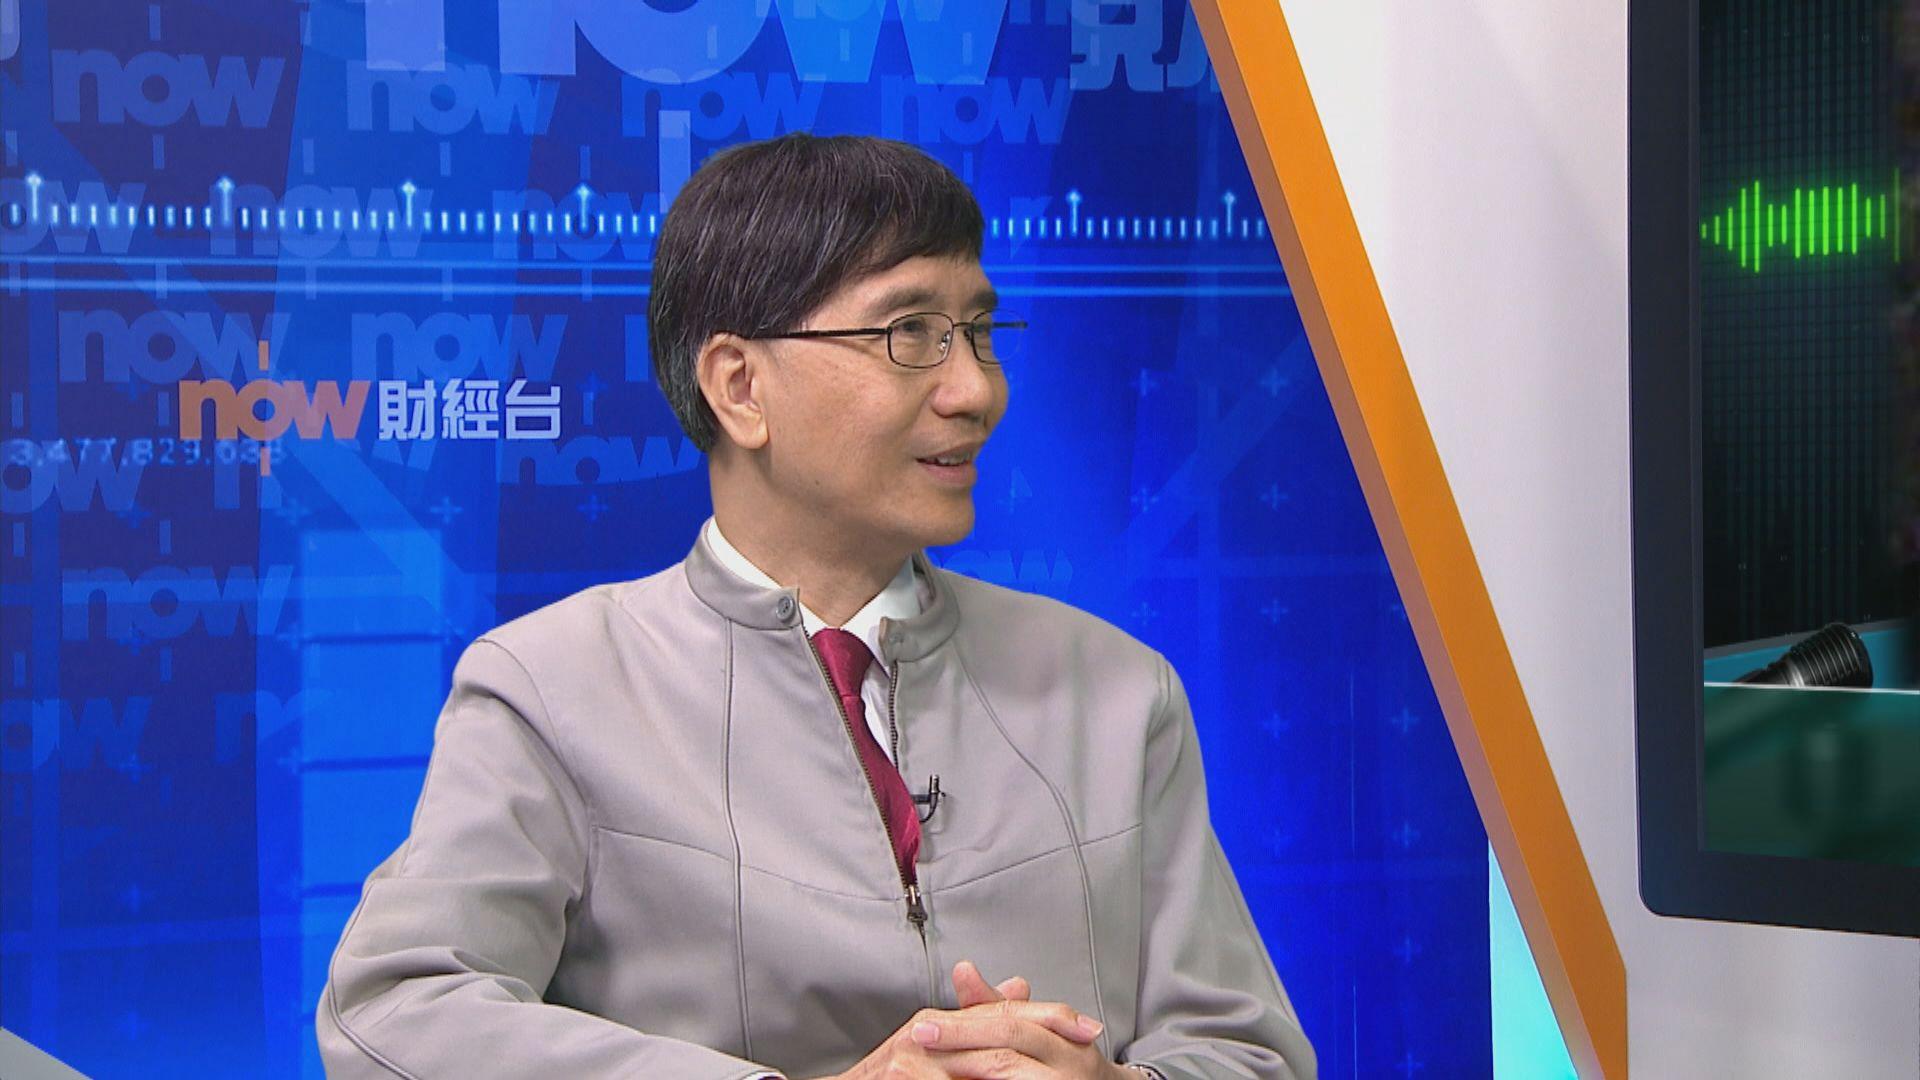 袁國勇:大鼠戊型肝炎病毒暫未有人傳人跡象